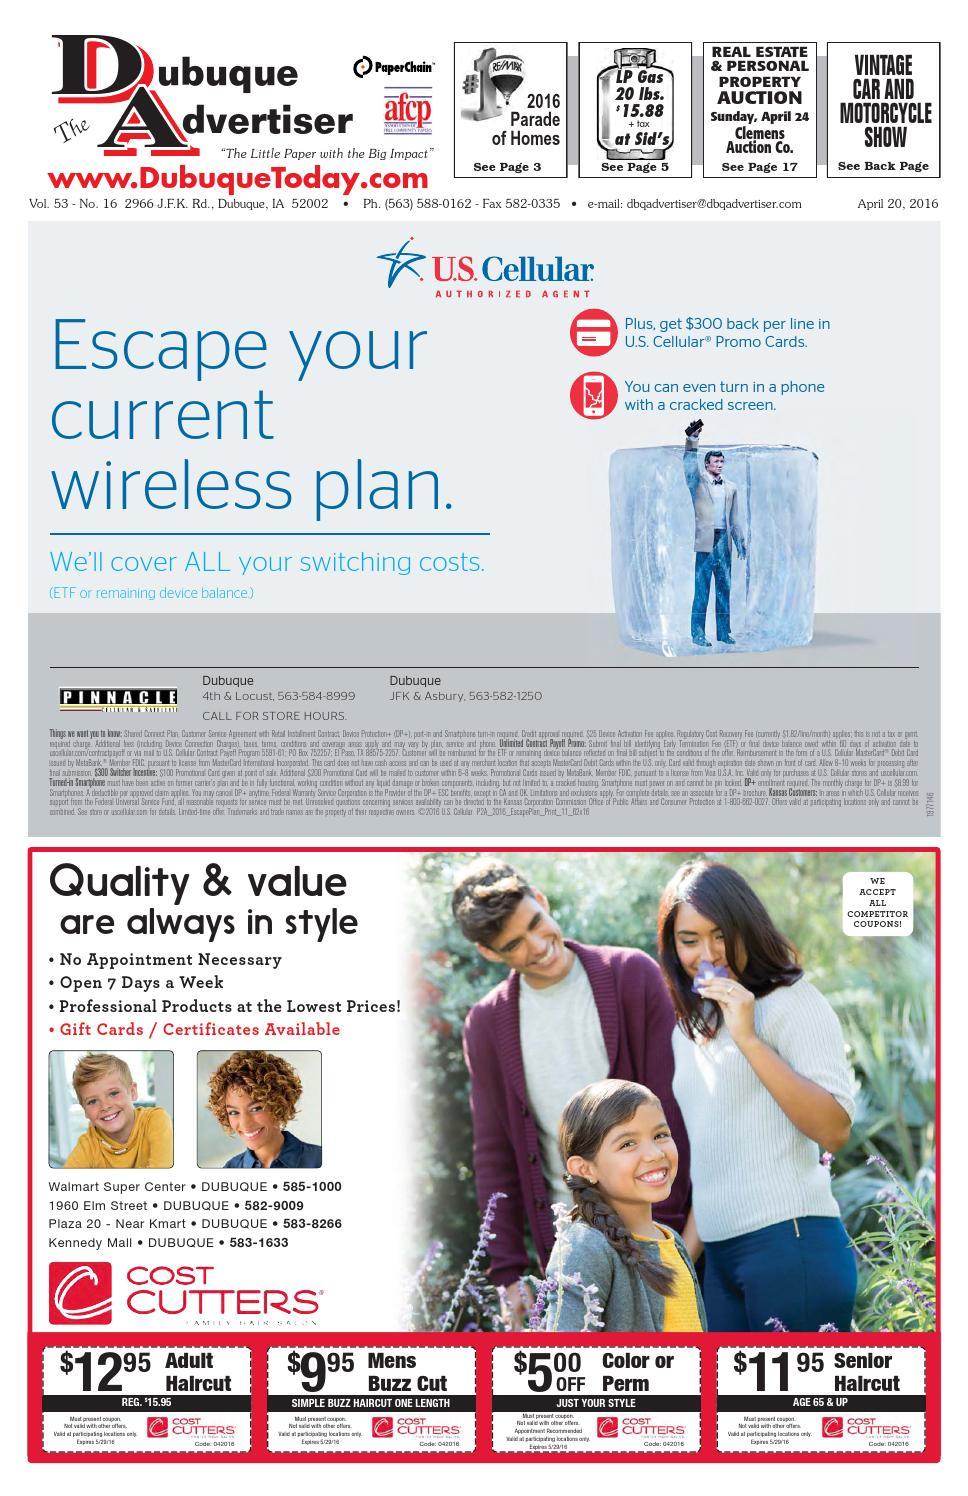 70202656236d08 The Dubuque Advertiser April 20